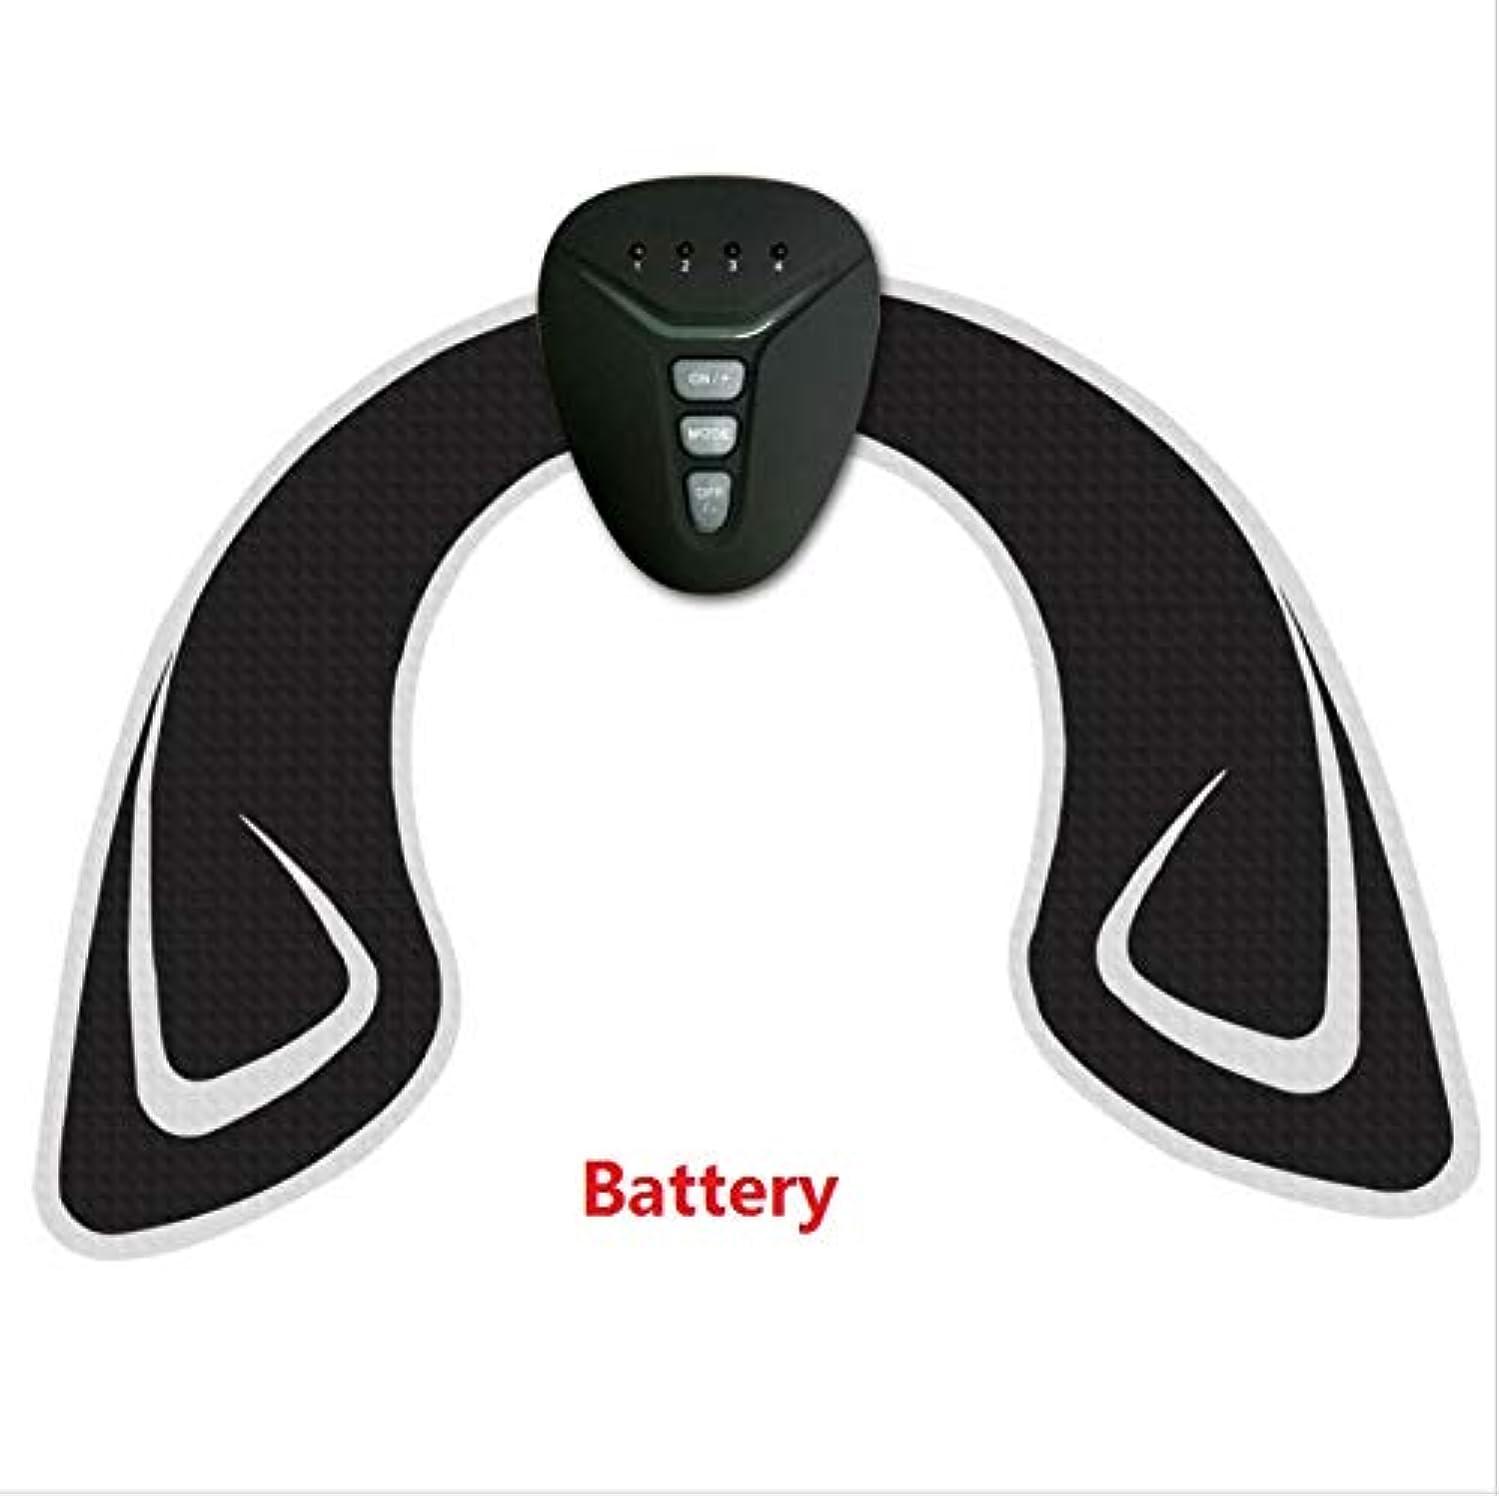 北方十分なブレースKTYX ユニセックスヒップデバイスFengqi美容ウエストシェイピングボディインストゥルメンツEMSインテリジェントマッサージ機器 マッサージャー (色 : Battery)